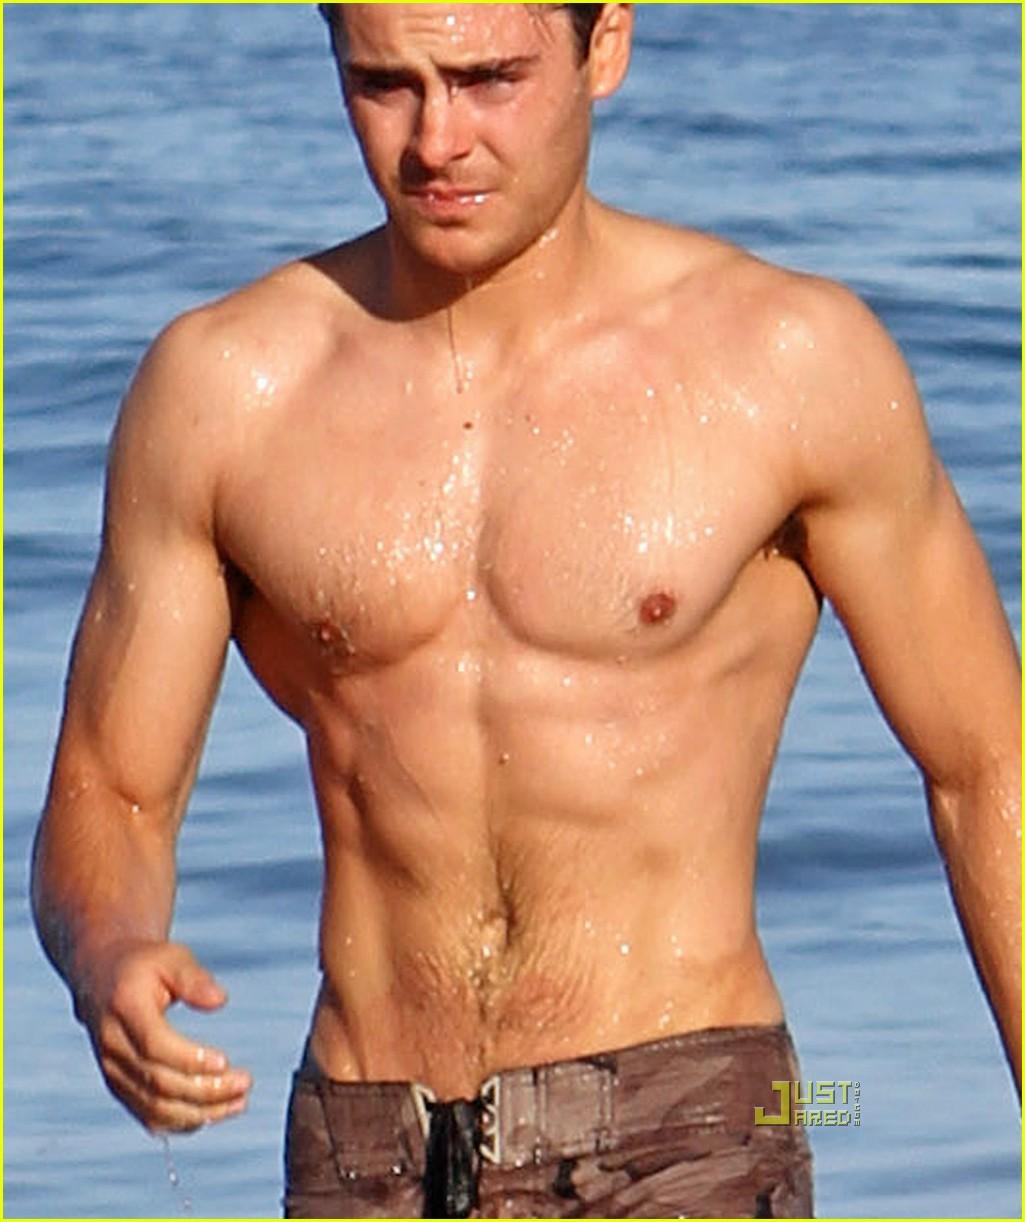 http://3.bp.blogspot.com/_sU8LpvkRO8M/TBbmGUulPUI/AAAAAAAAAY8/DqZnfc38hU0/s1600/shirtless-zac-efron-02.jpg